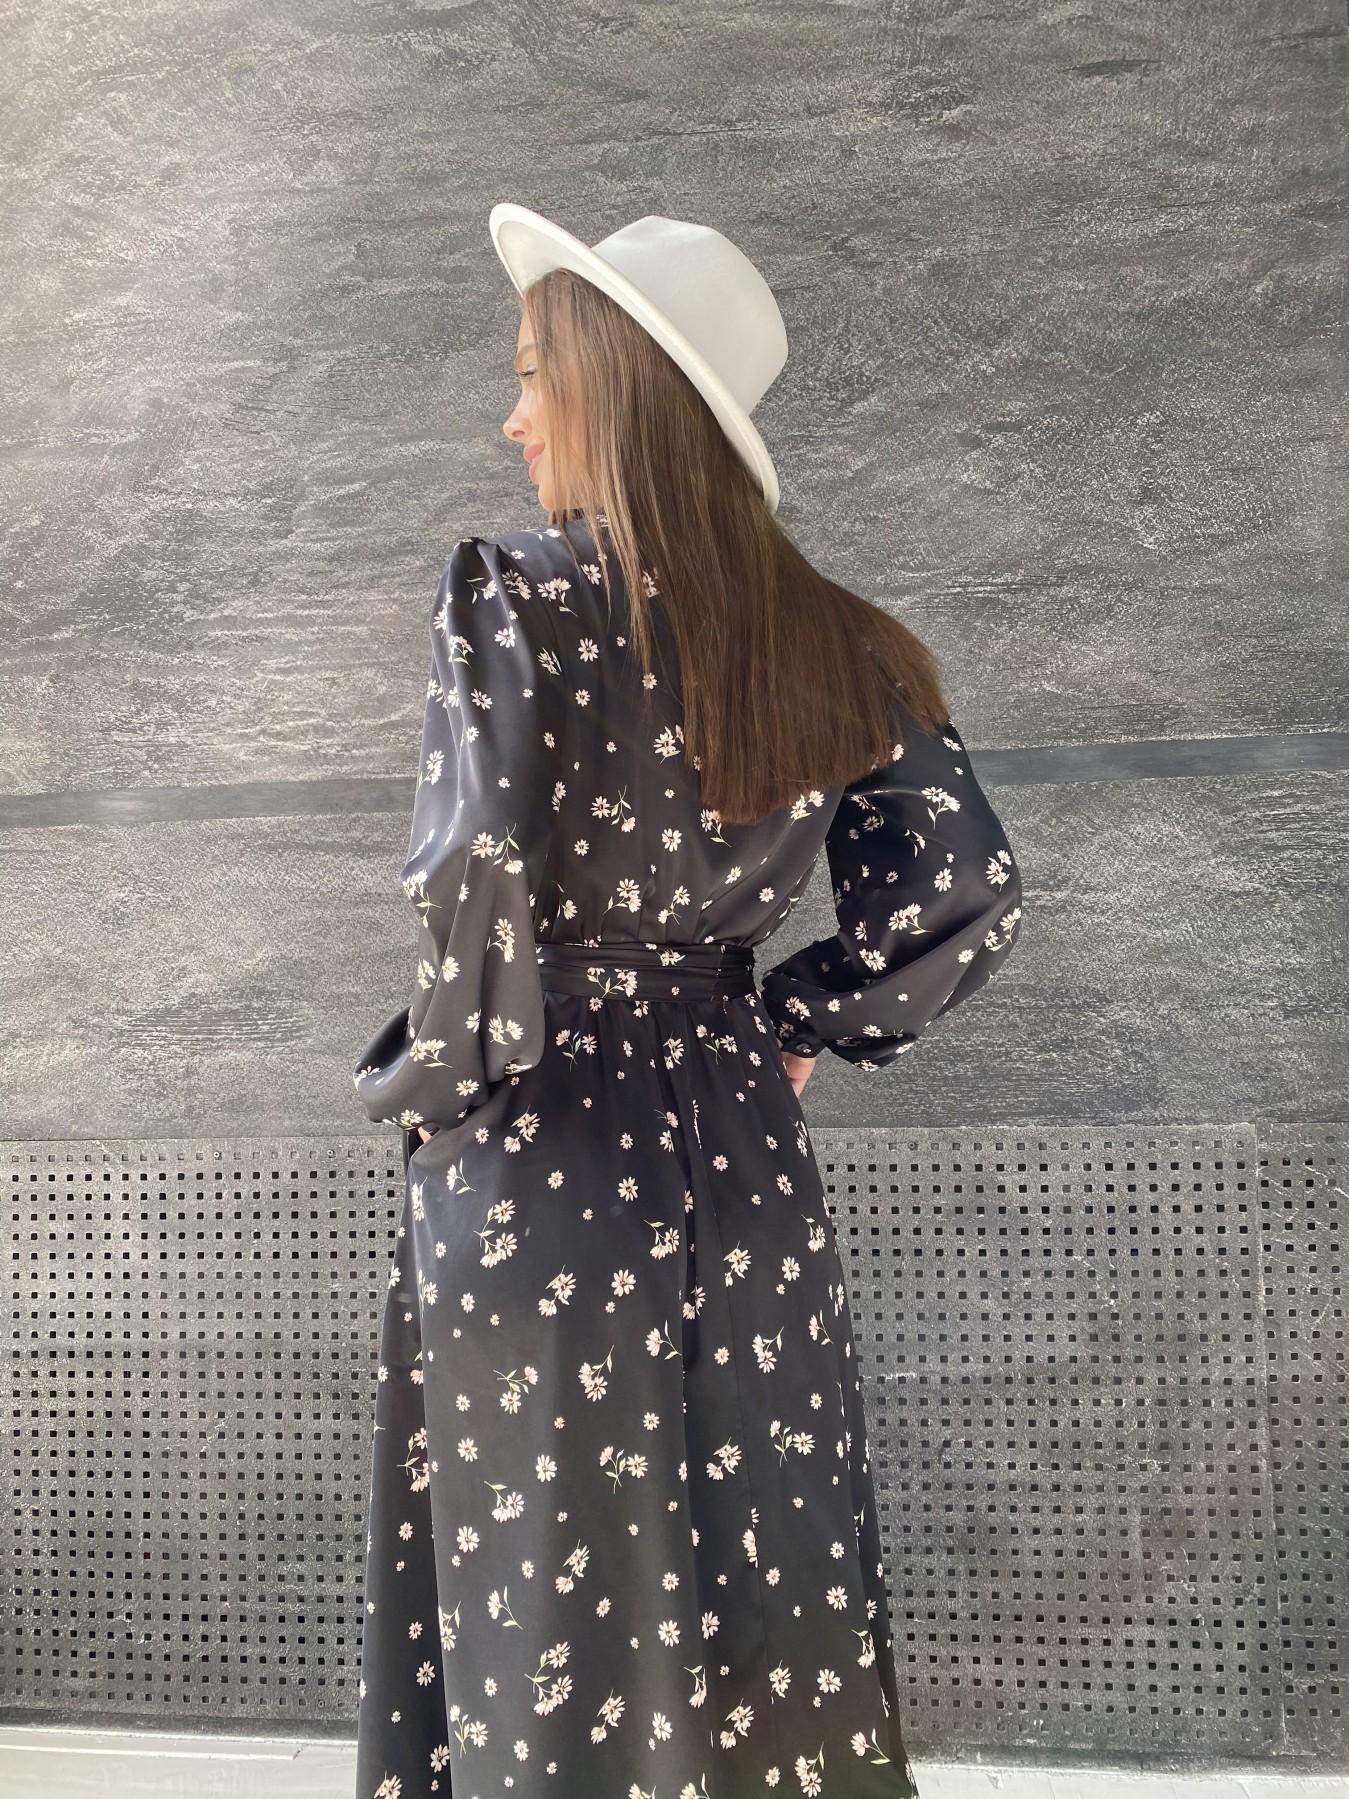 Жасмин д/р шелк принт платье 11716 АРТ. 48417 Цвет: Черный/пудра/хризантема - фото 1, интернет магазин tm-modus.ru